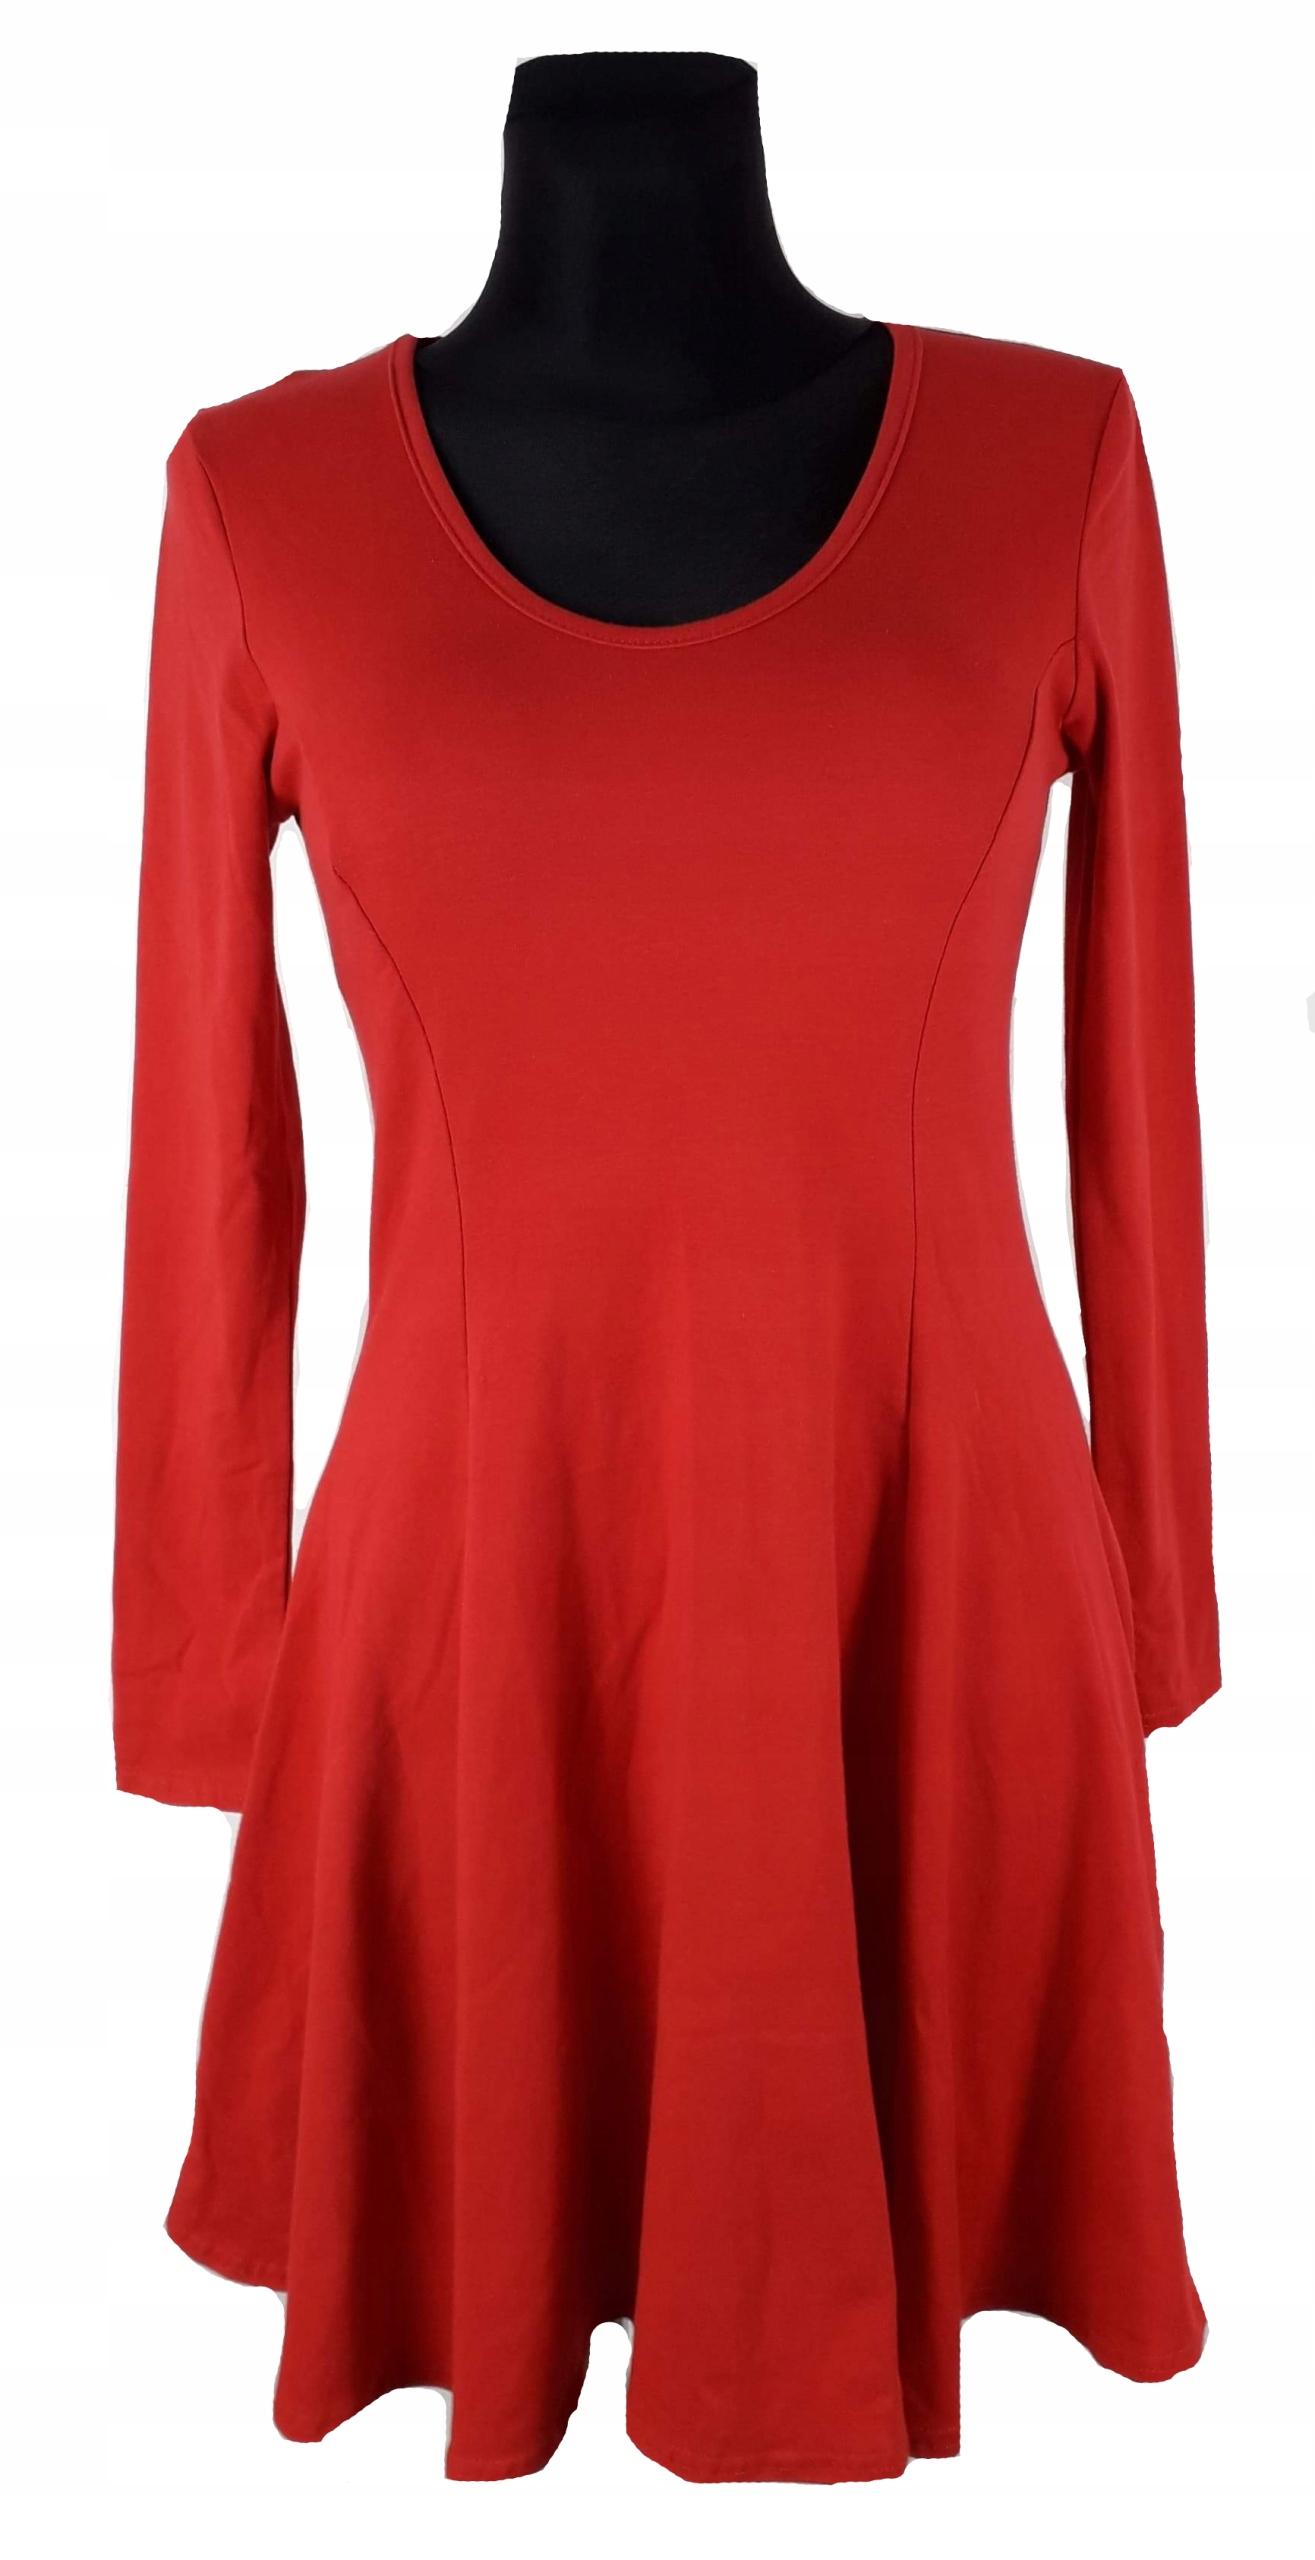 b1c778cf Sukienka czerwona Boohoo rozmiar 38 M nowa - 7687569918 - oficjalne ...